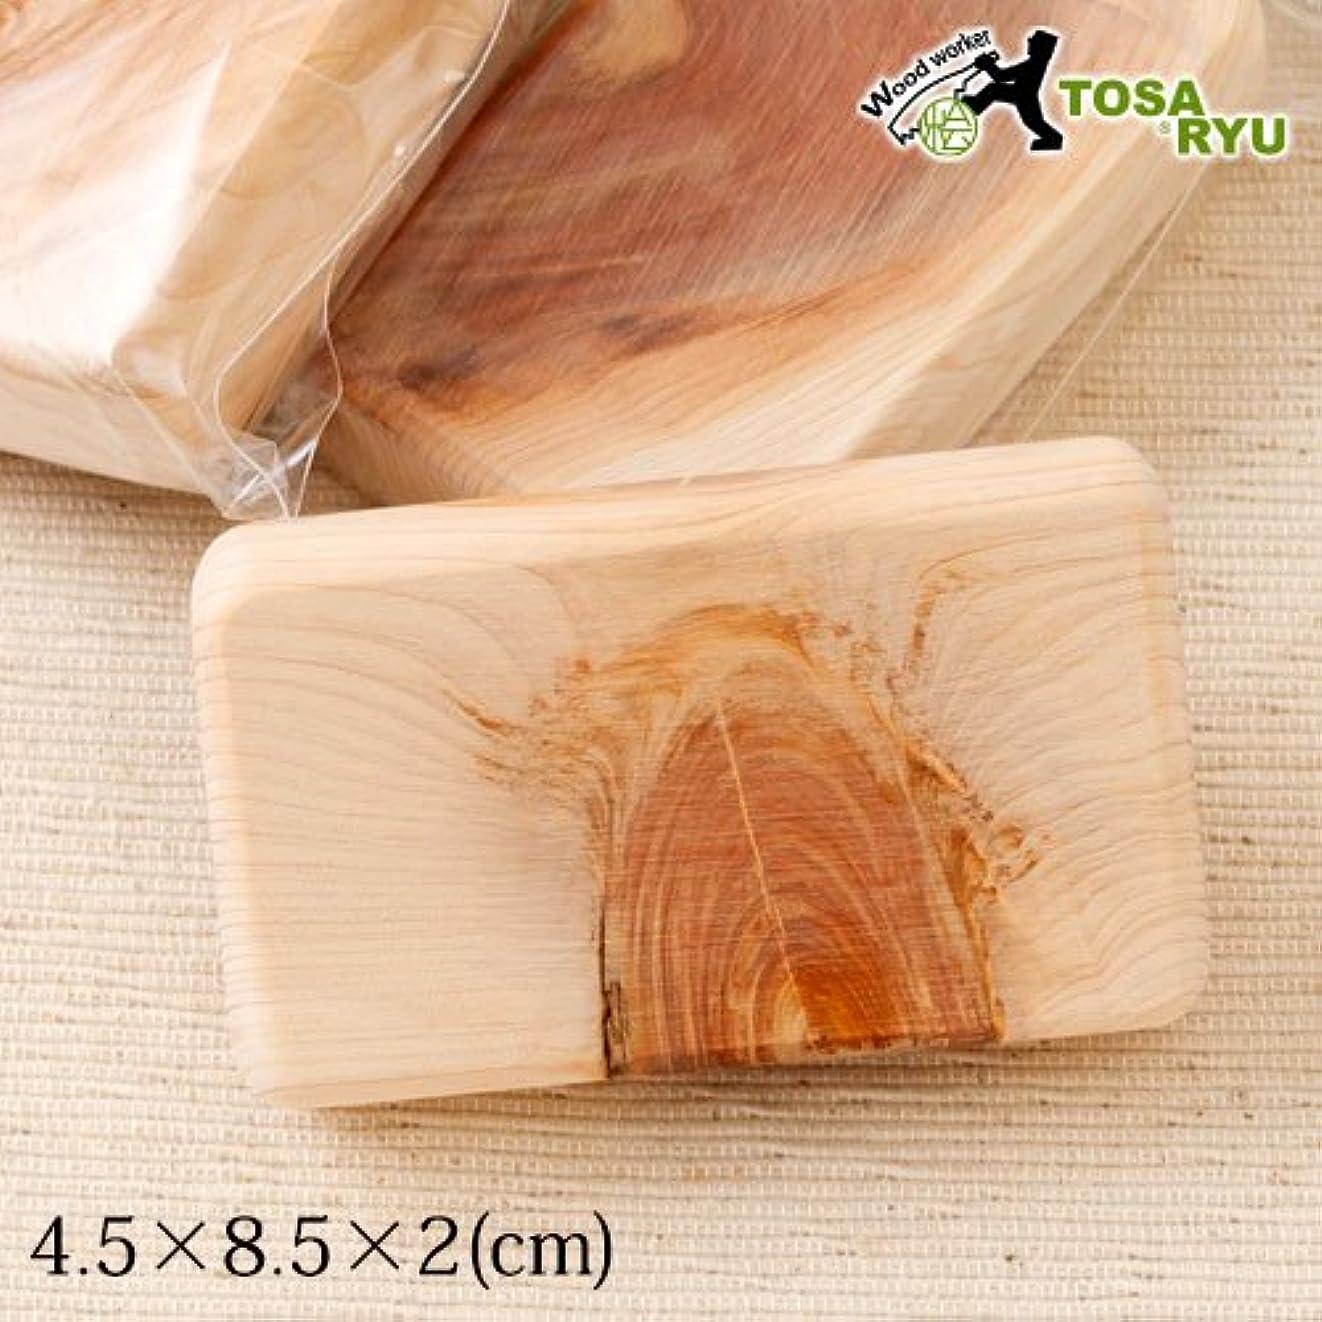 再生可能合理的師匠土佐龍アロマブロック(1個)高知県の工芸品Aroma massager of cypress, Kochi craft